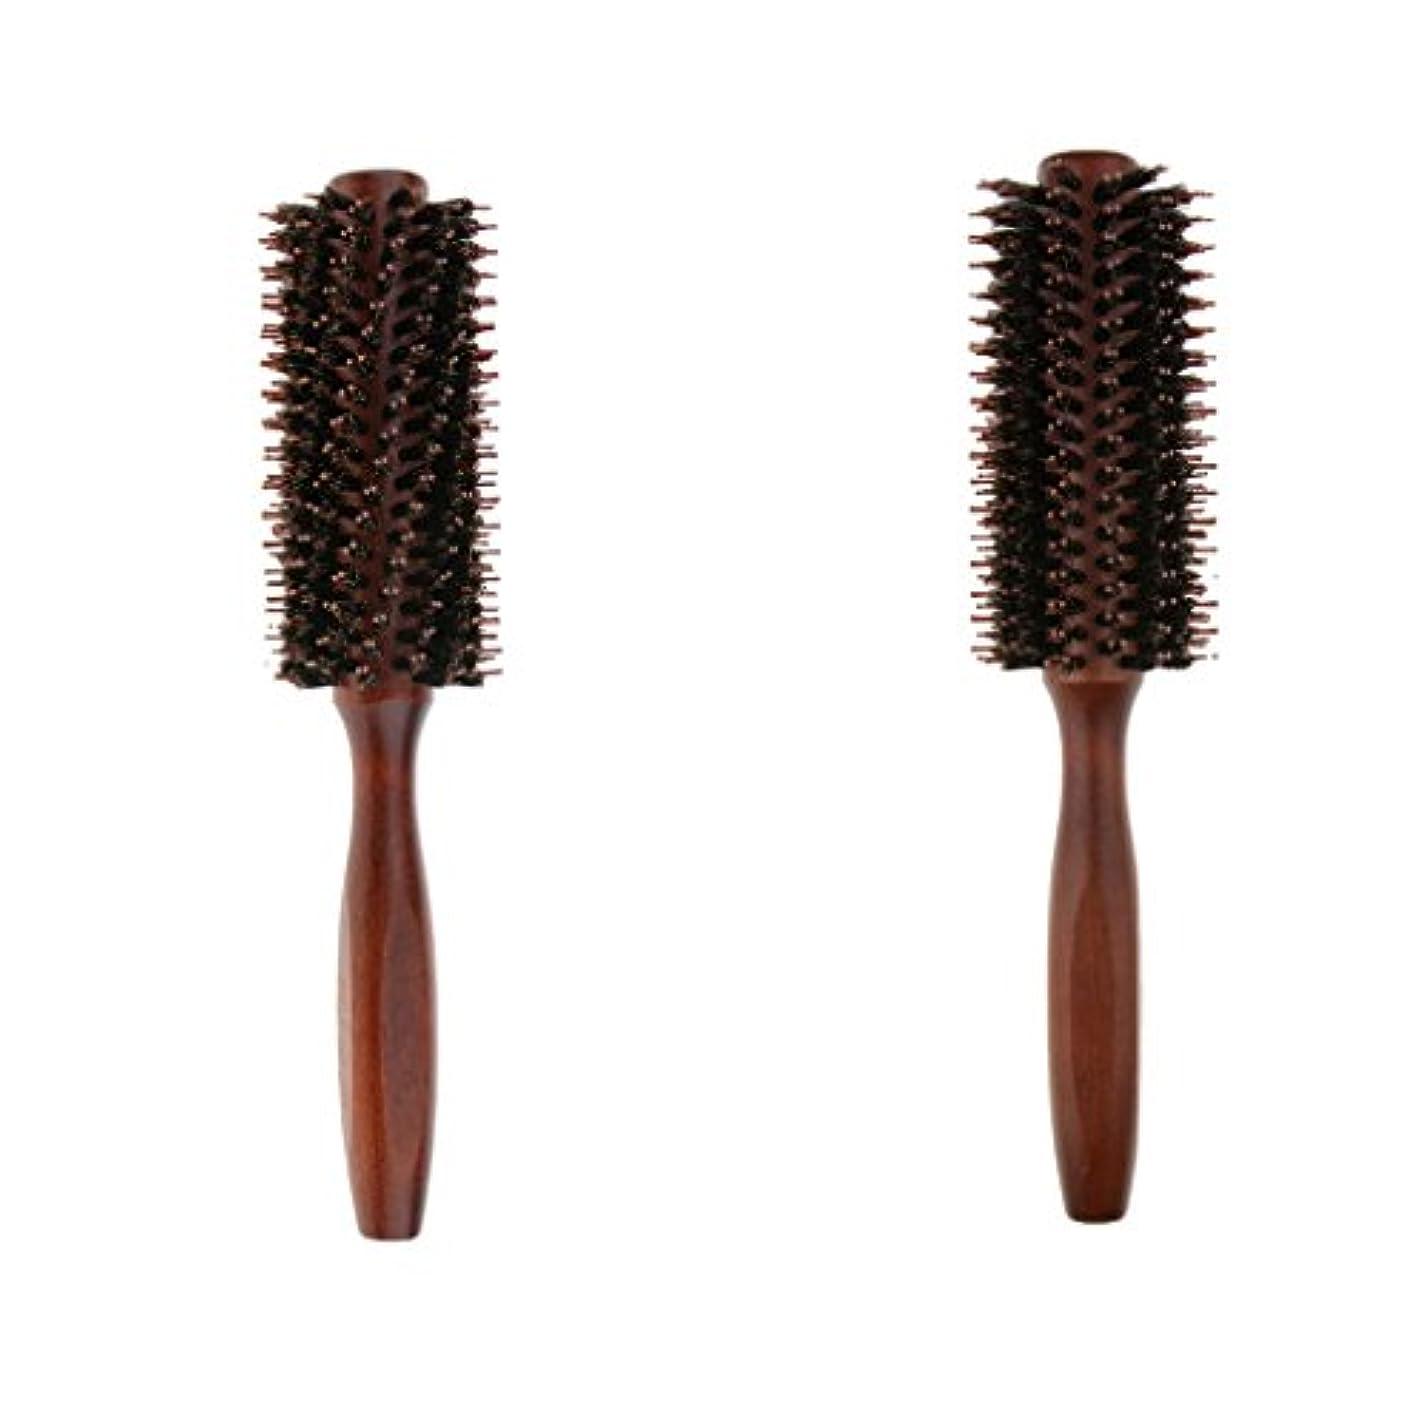 シーサイドかなりの段落2個 ロールブラシ ヘアブラシ ヘアカラーリング用 木製櫛 静電気防止 耐熱コーム 巻き髪